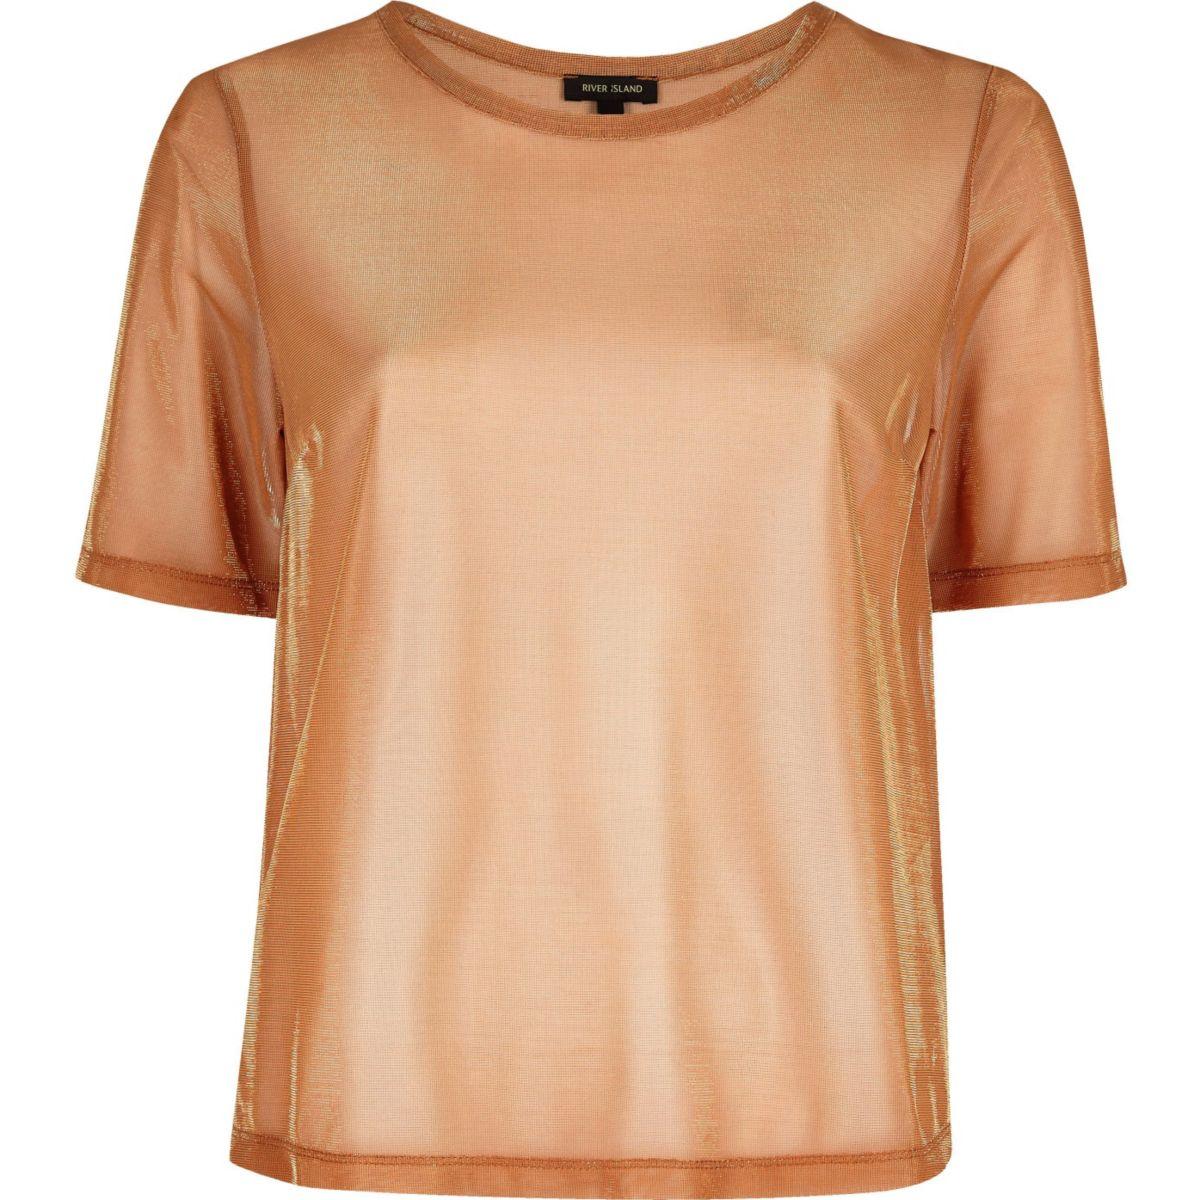 Orange metallic mesh T-shirt